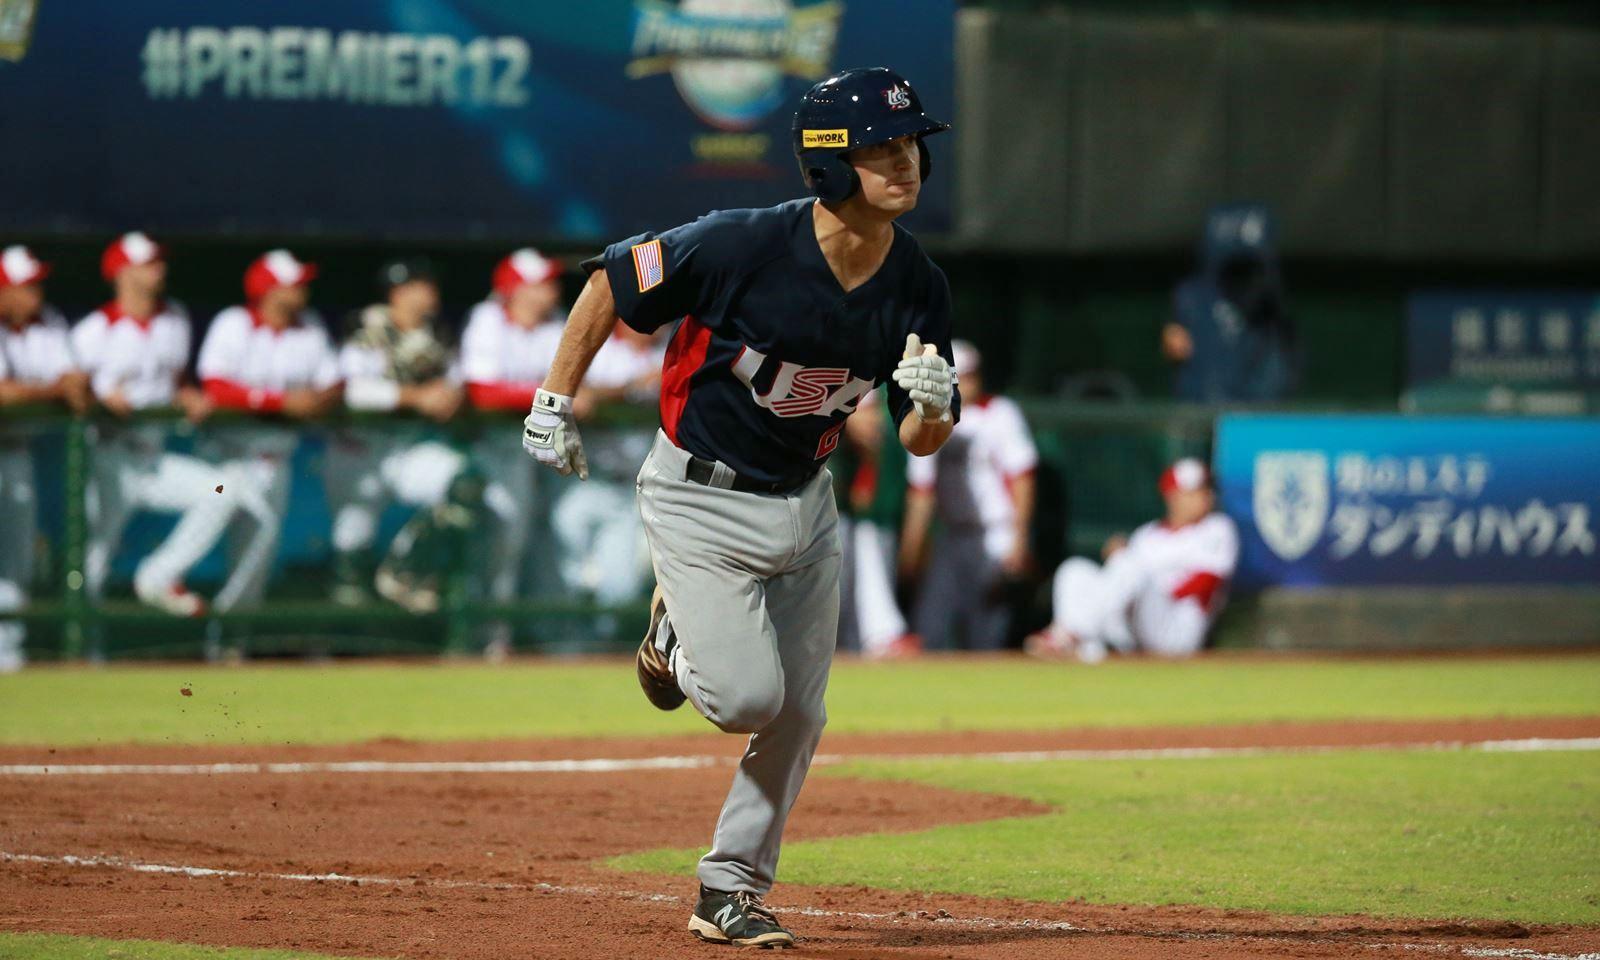 プレミア12のアダム・フレイザー選手がMLBデビュー 第一打席で一塁打